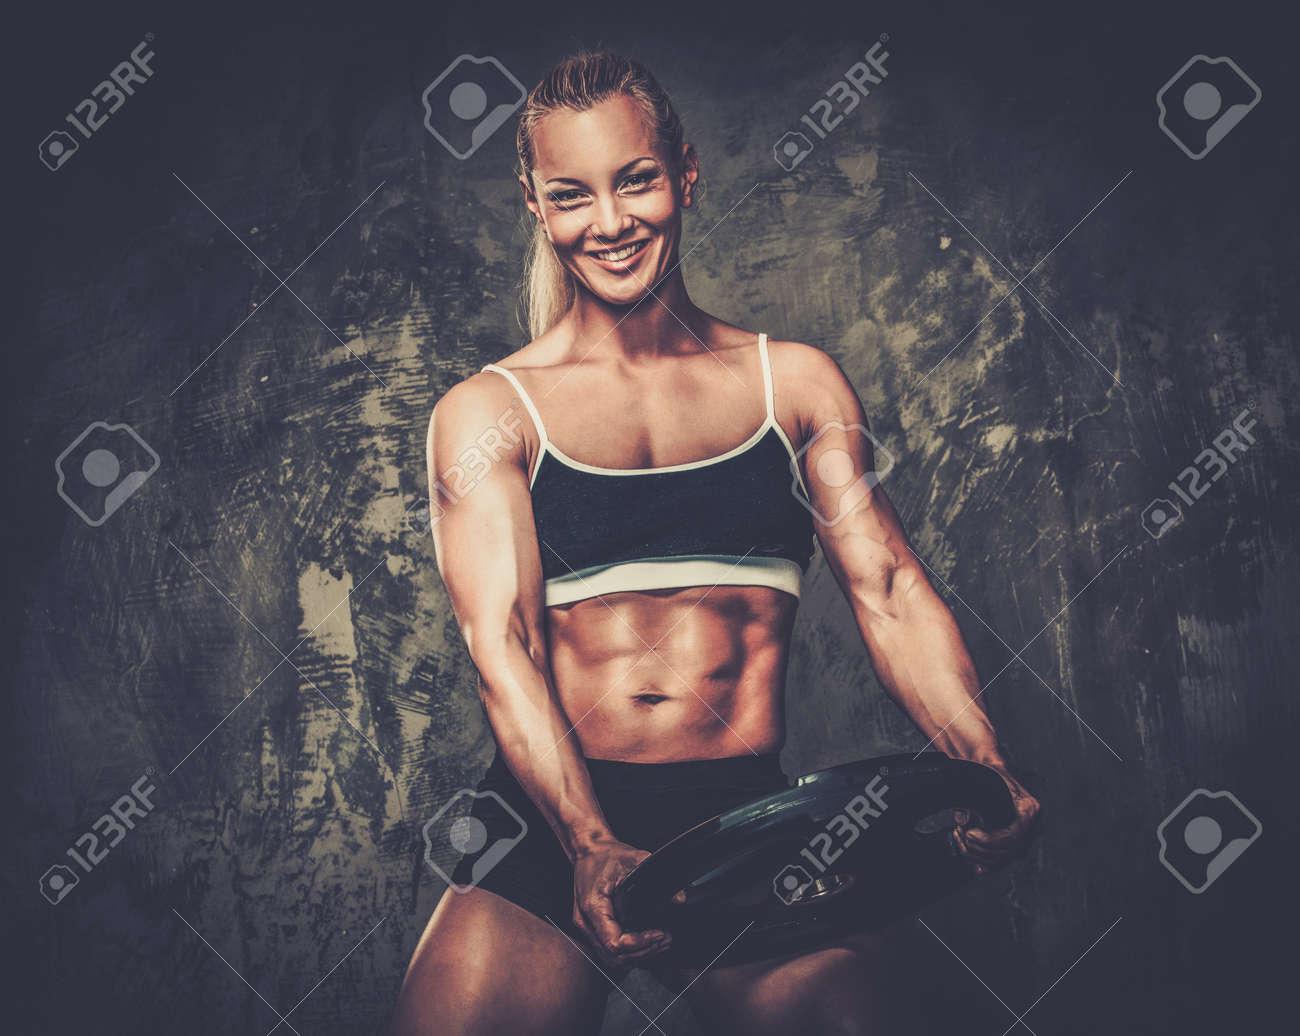 Schön bodybuilder frau The Woman's